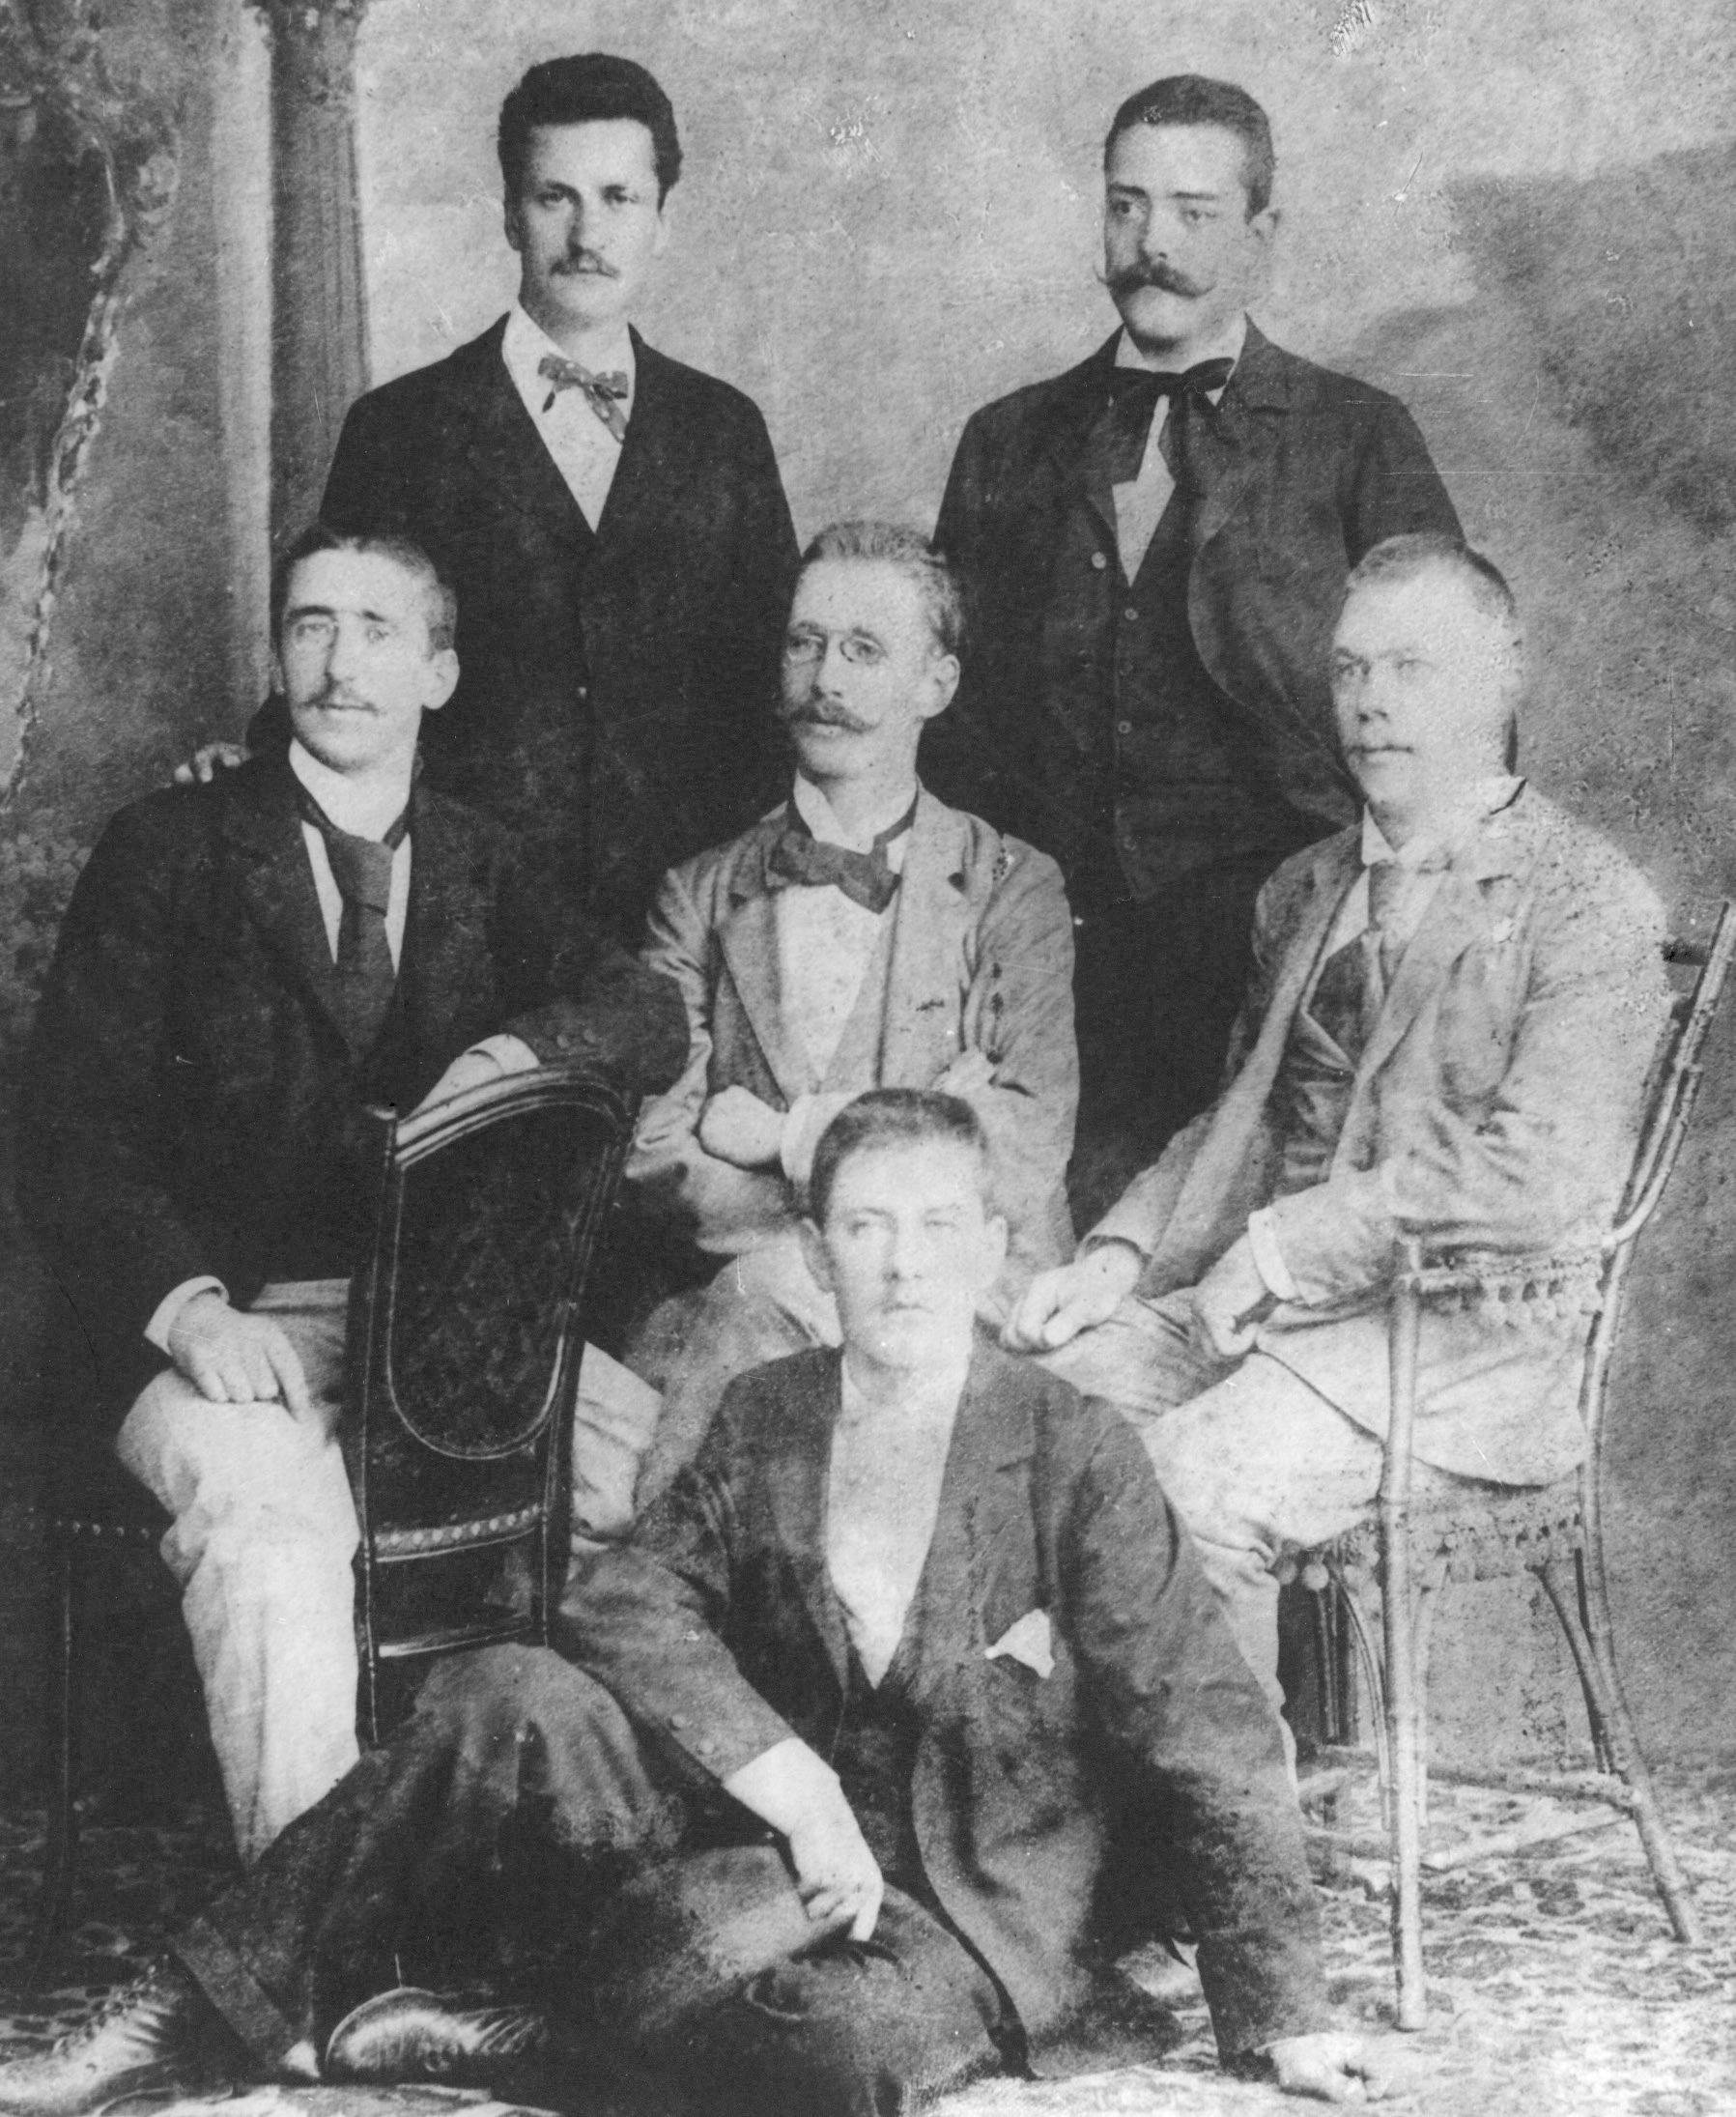 Da sinistra in piedi Cesare Battisti Giovanni Lorenzoni seduti Gino Sartori Antonio Piscel Adolfo de Bertolini a terra Iginio Zucal